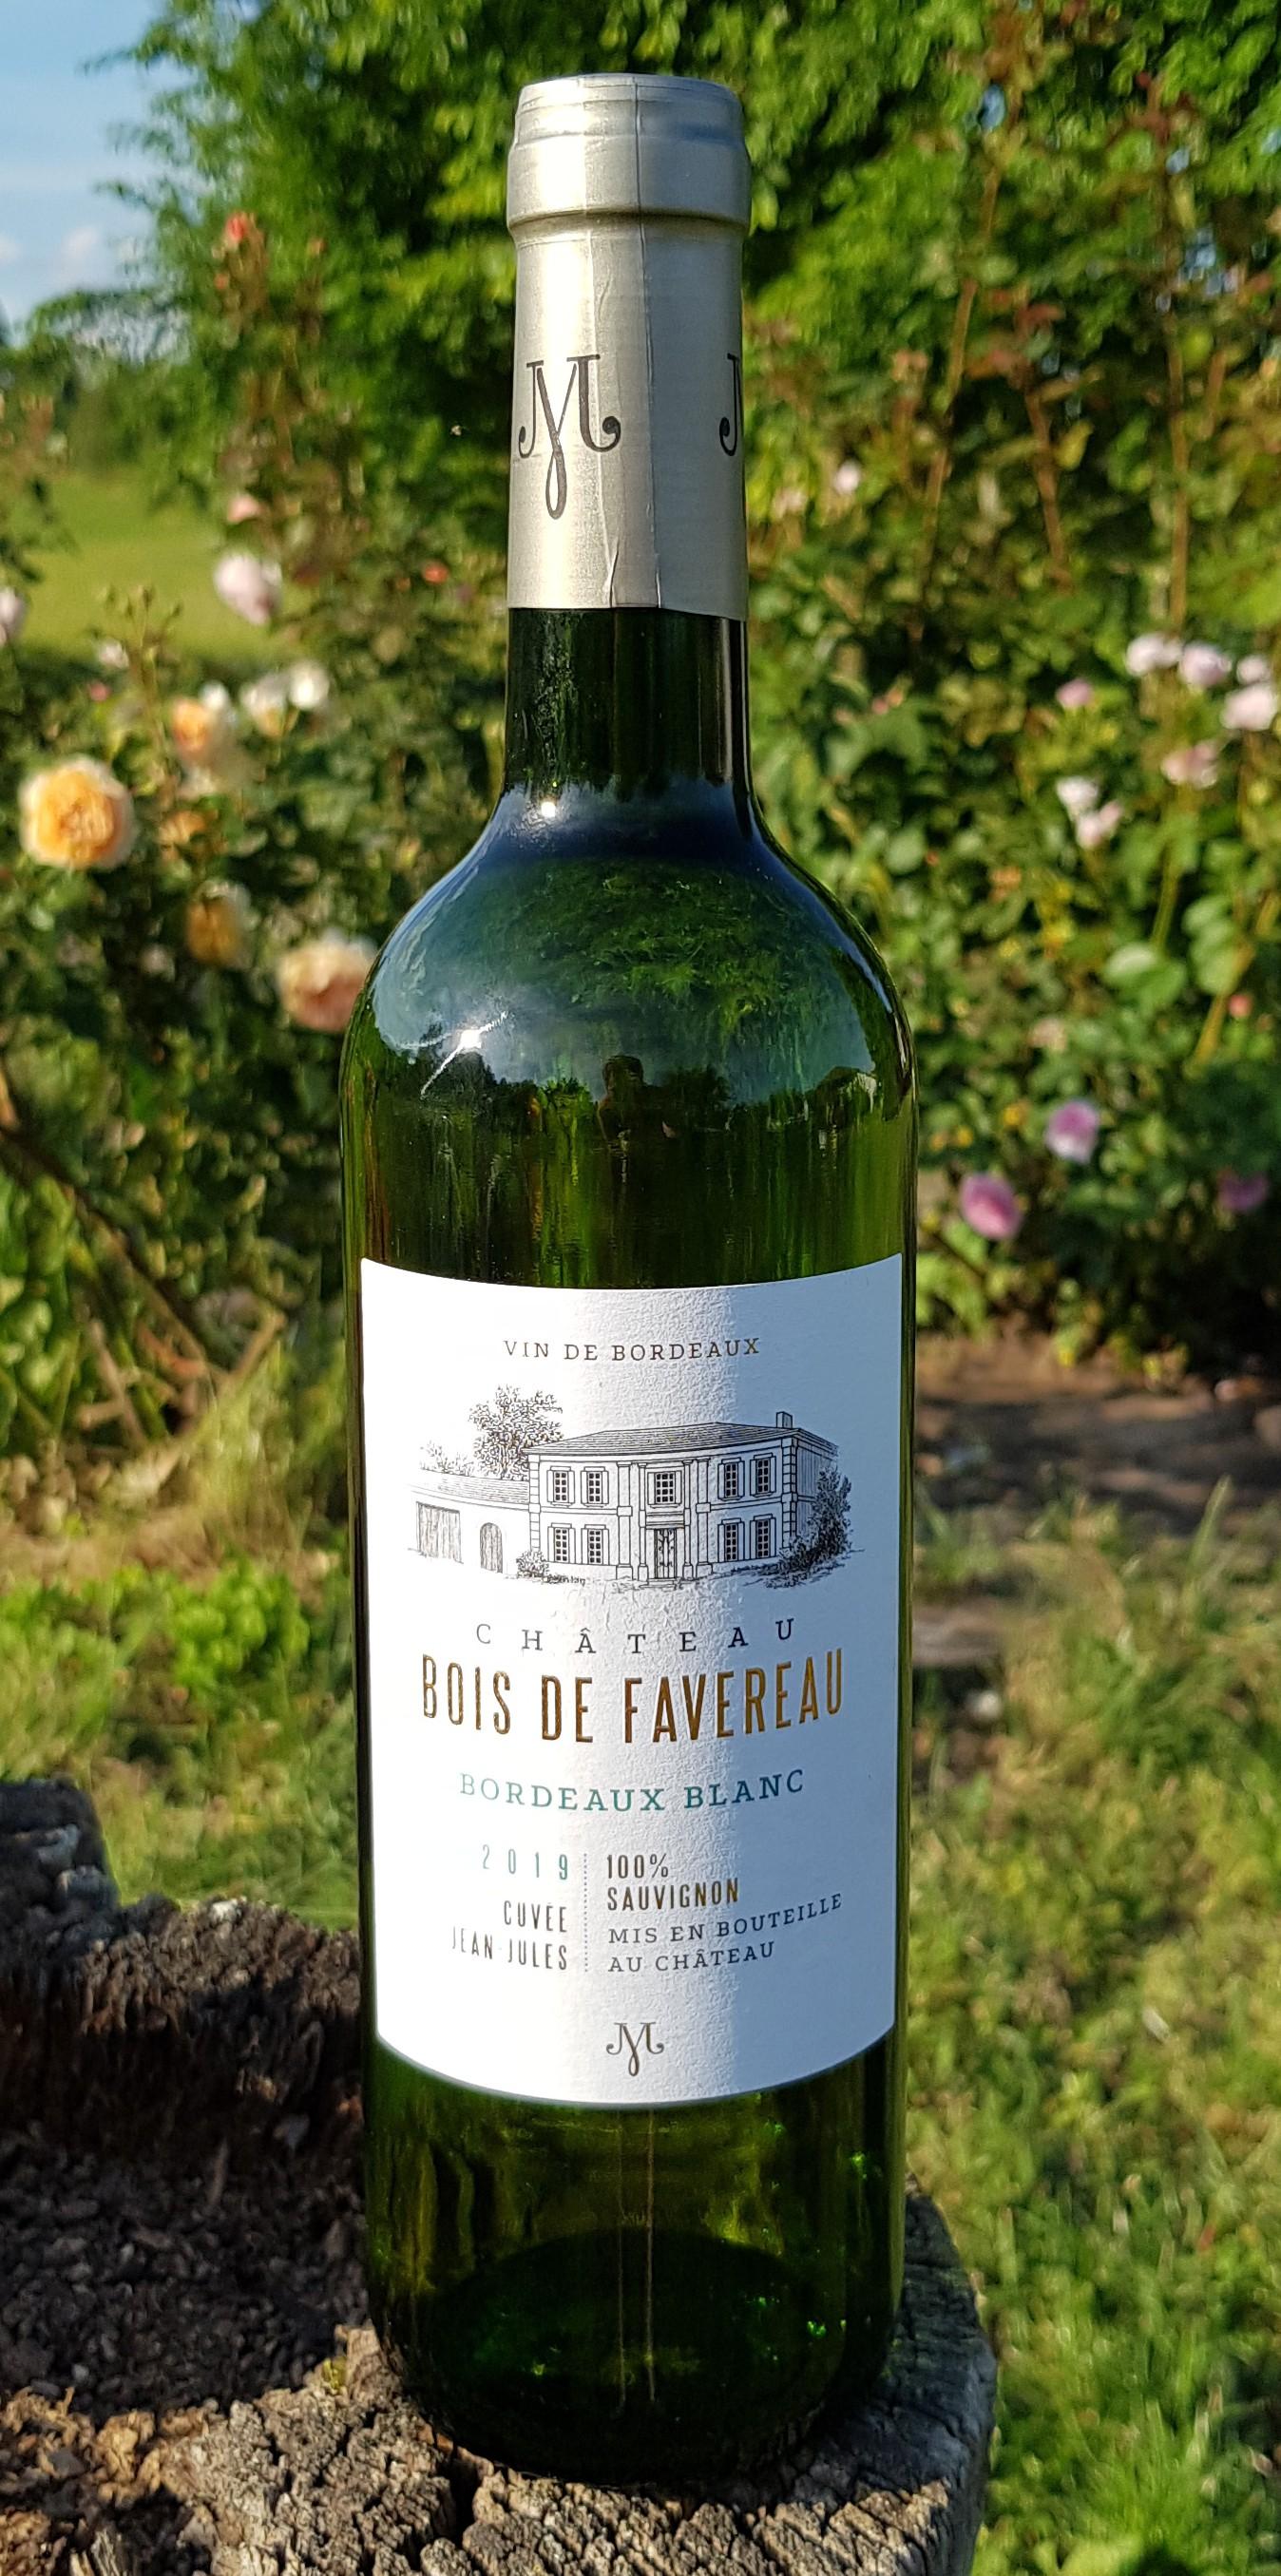 Chateau Bois de Favereau Bordeaux blanc